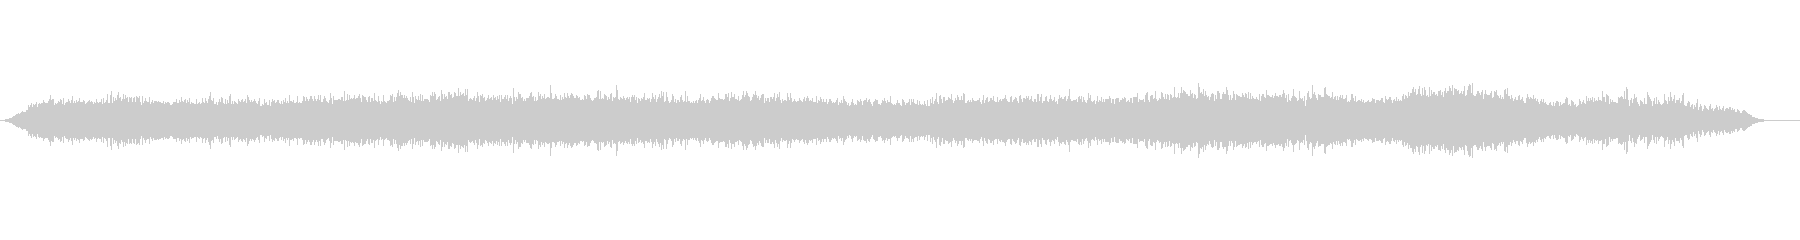 【ダークアンビエント】退廃した街のBGMの未再生の波形